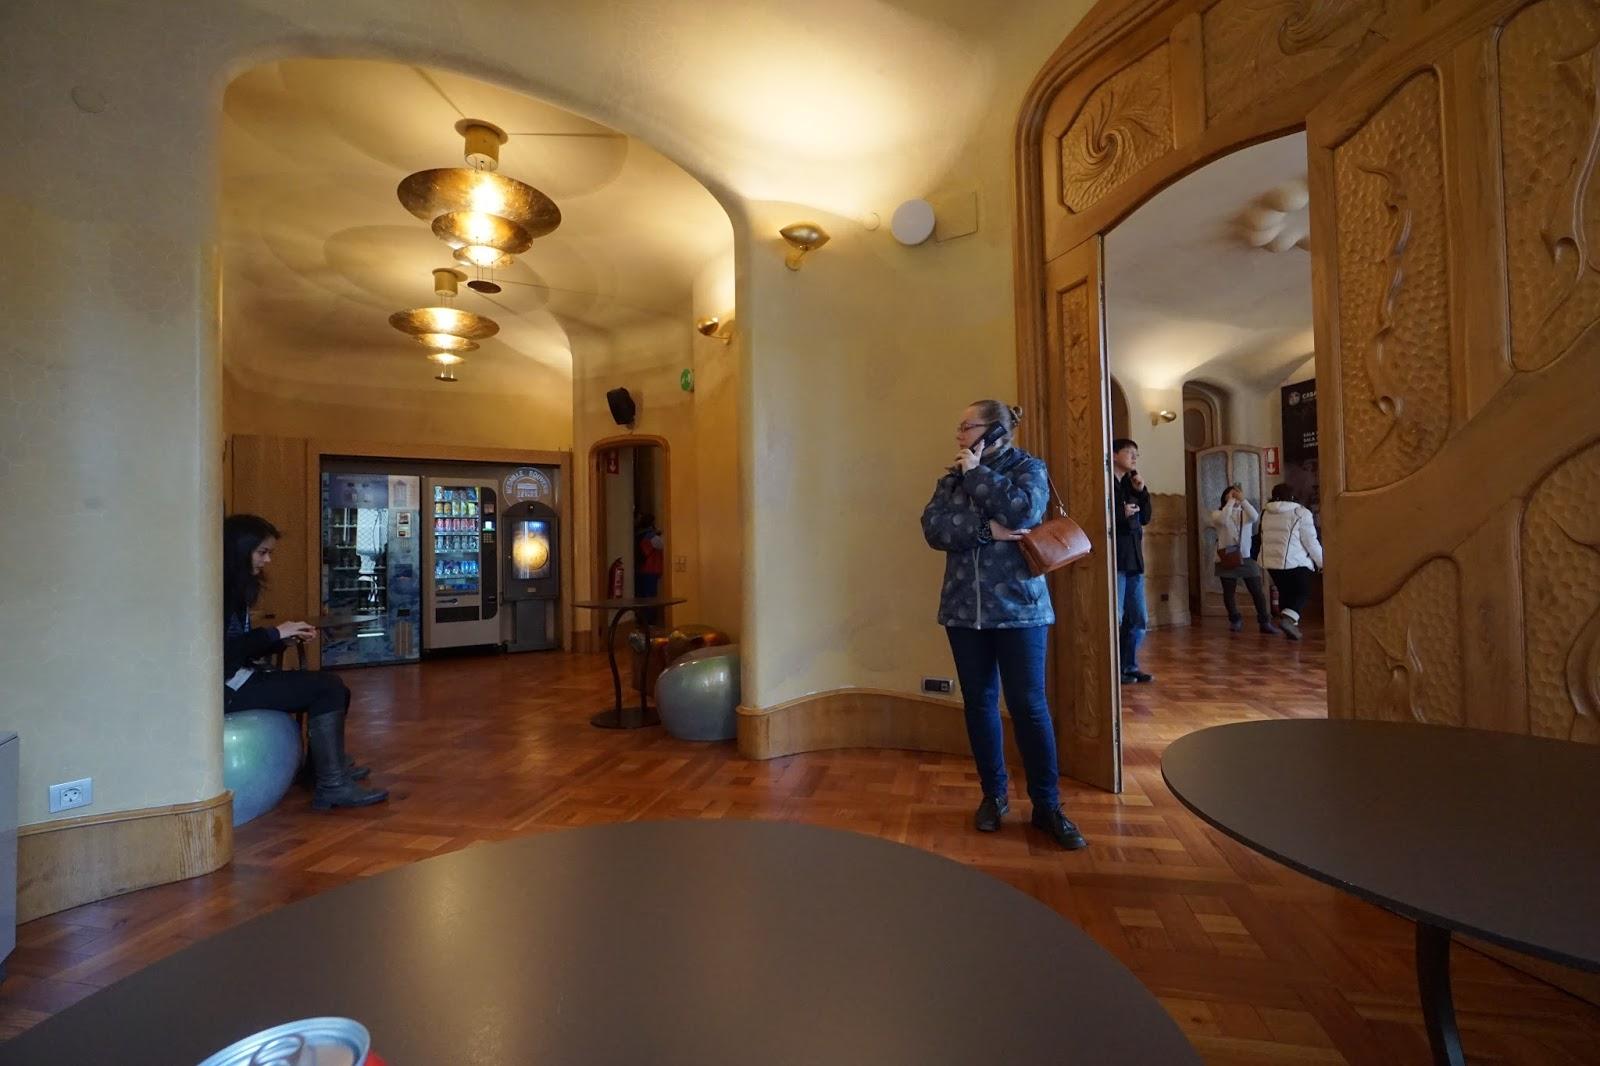 カサ・バトリョ(Casa Batlló) 休憩スペース